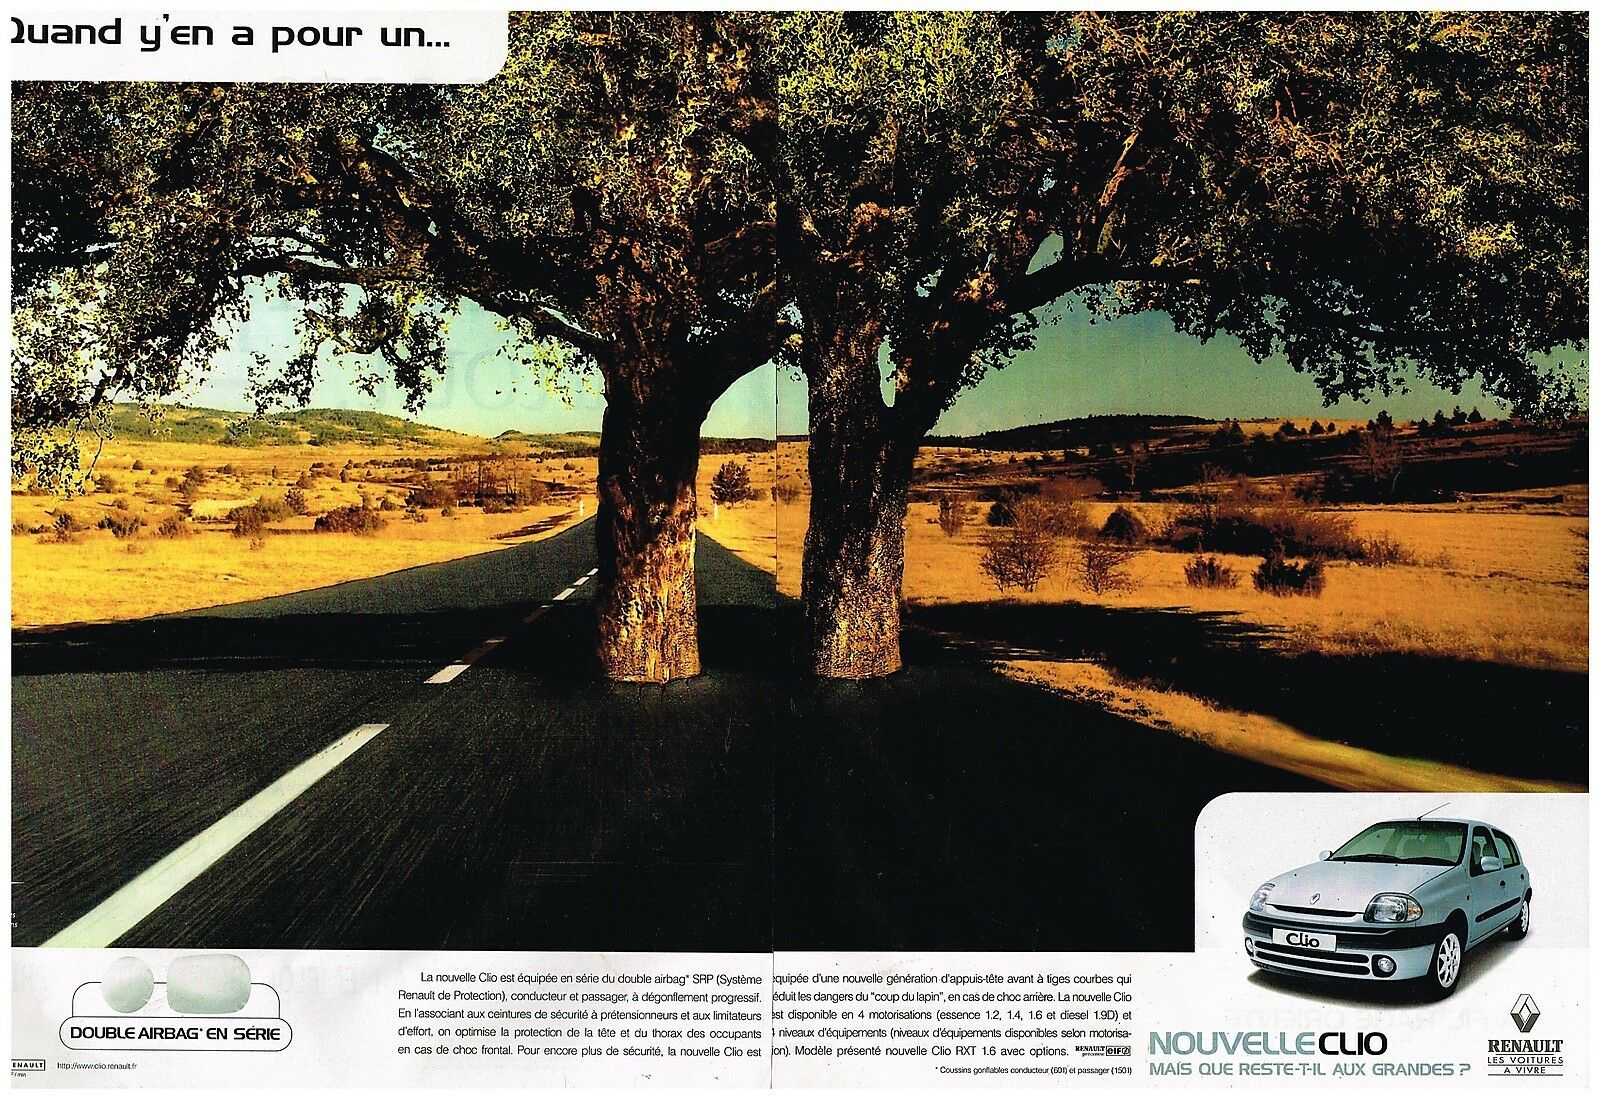 1998 Renault Clio